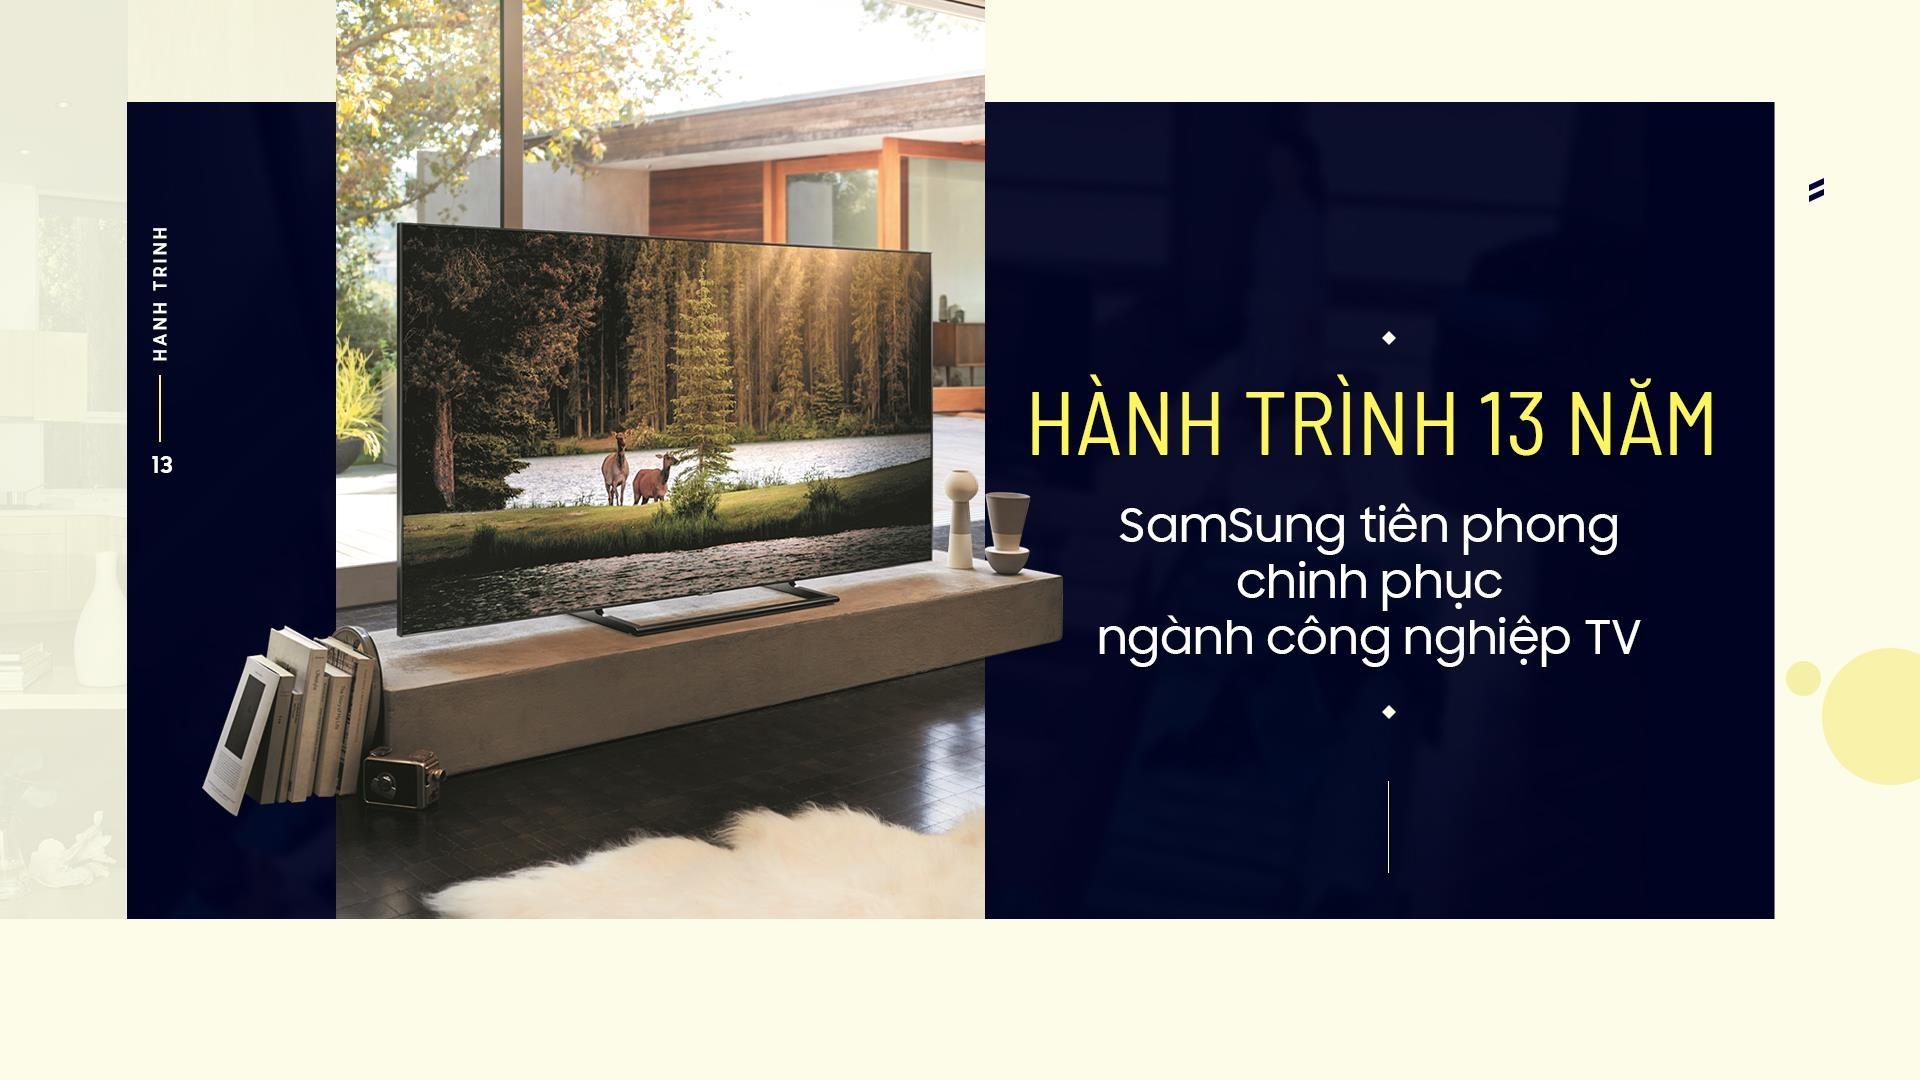 Hanh trinh 13 nam Samsung tien phong chinh phuc nganh cong nghiep TV hinh anh 1